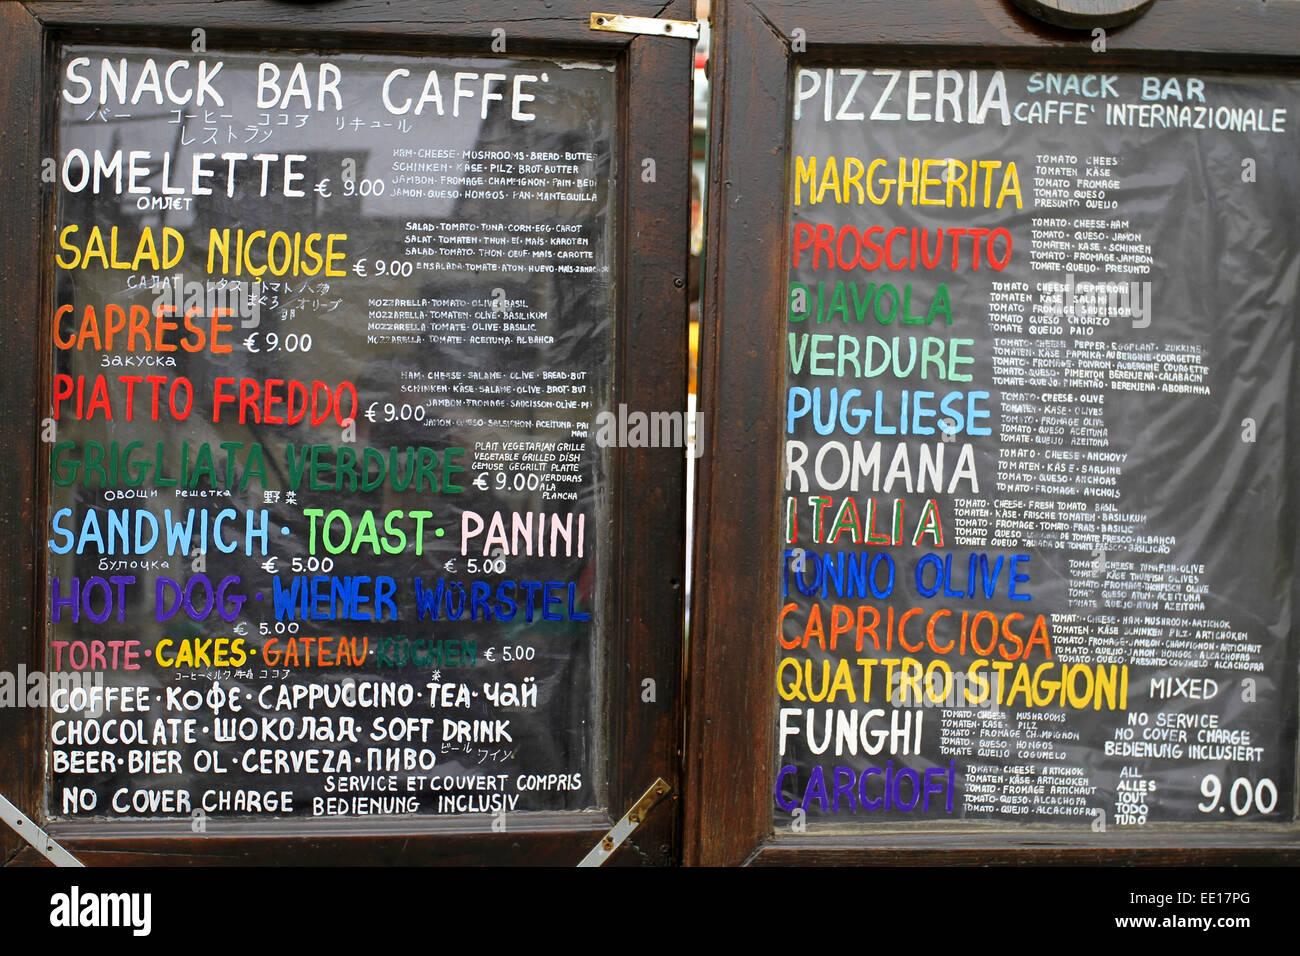 Tagesangebot, Speisekarte eines Restaurants in Venedig, Italien - Stock Image